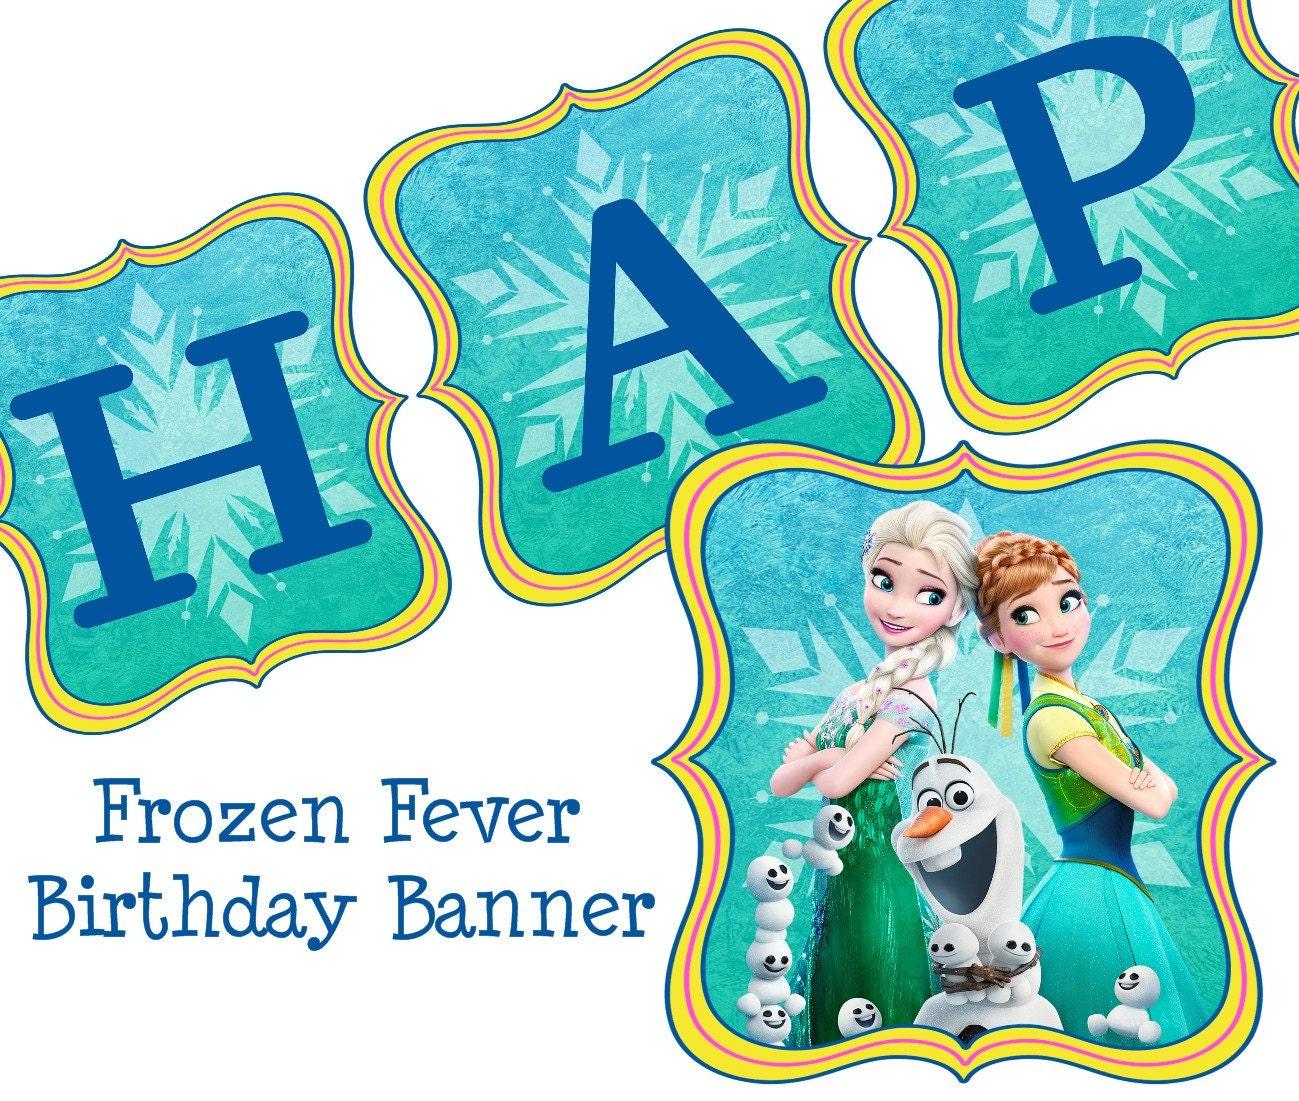 Frozen Birthday Banner Printable Frozen Banner Party By: Disney Frozen Fever Birthday Banner Frozen Birthday Banner